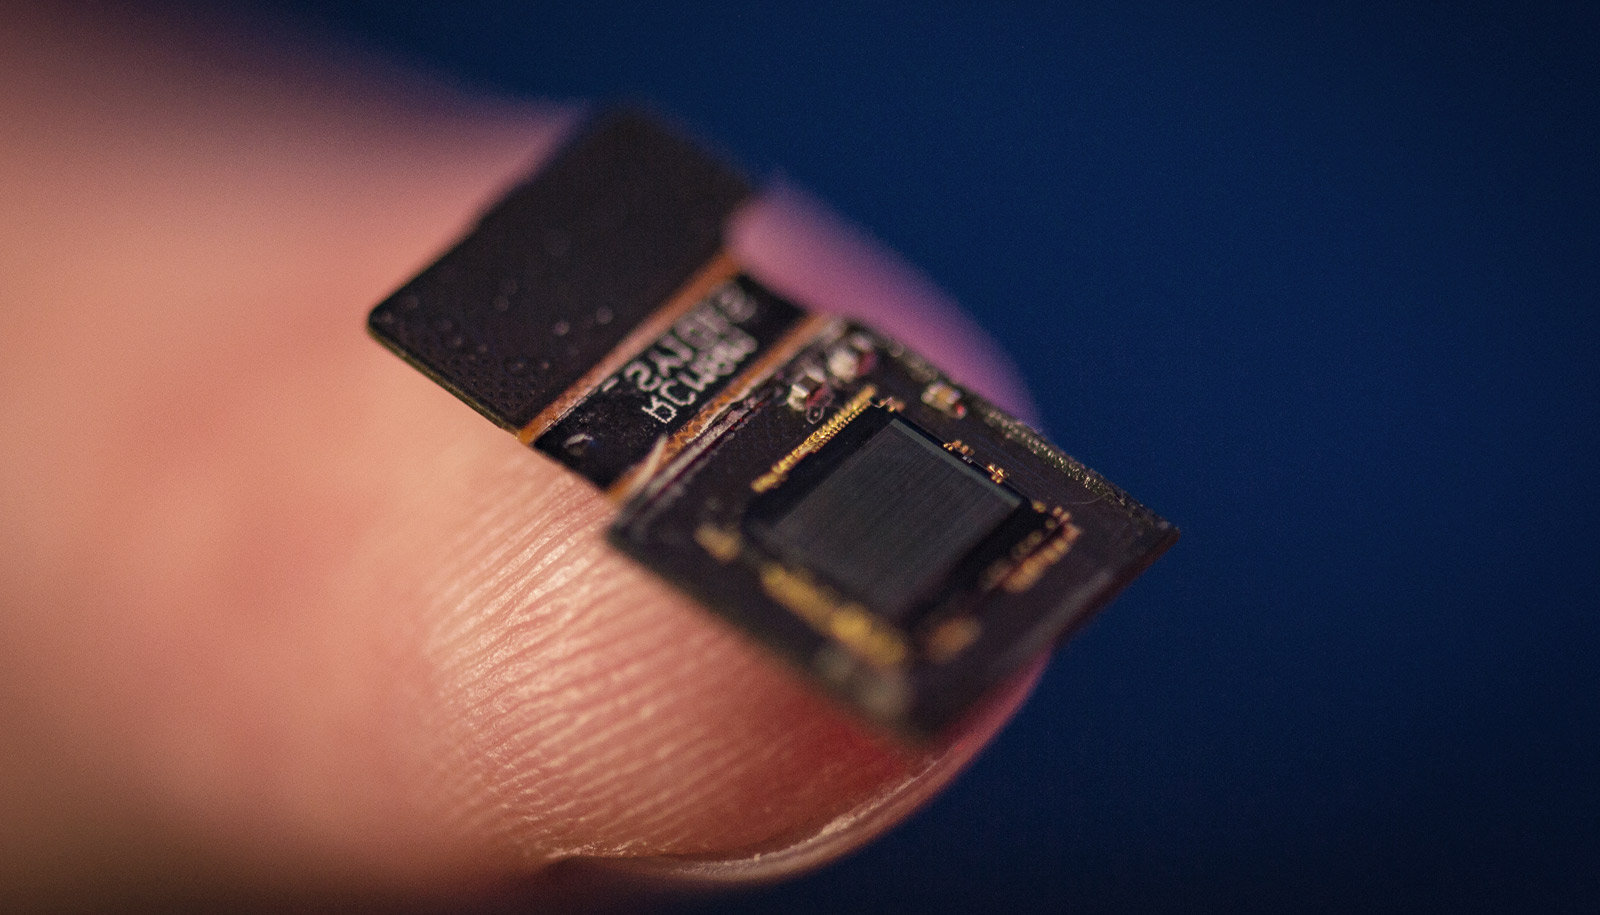 FlatScope on fingertip